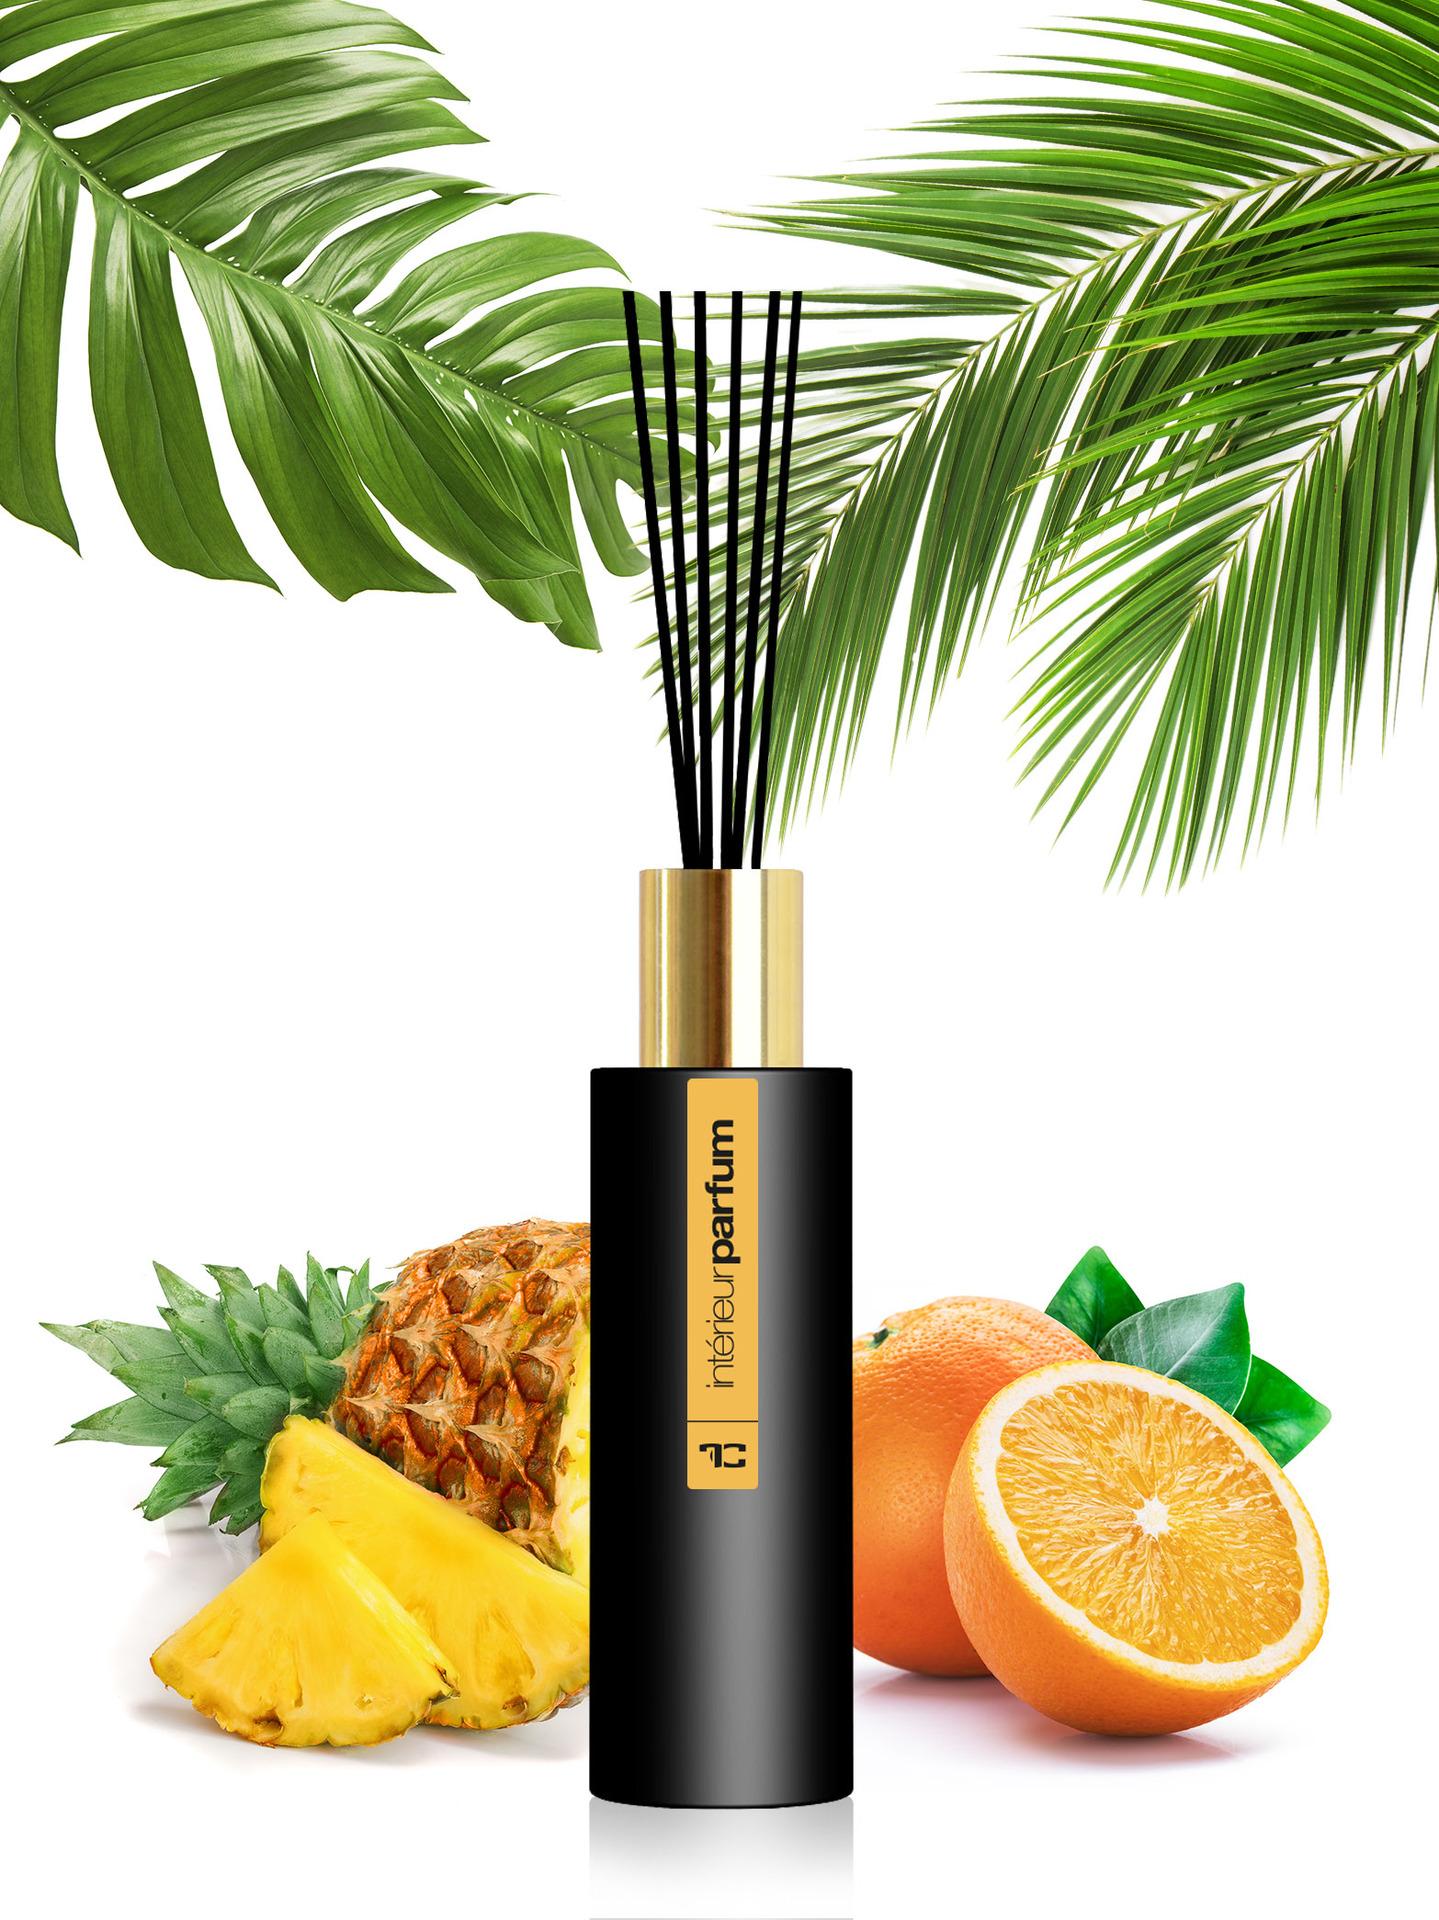 Interiérový parfém, FRUITS DE BALI, vonný roztok s vysokým obsahem vonných látek